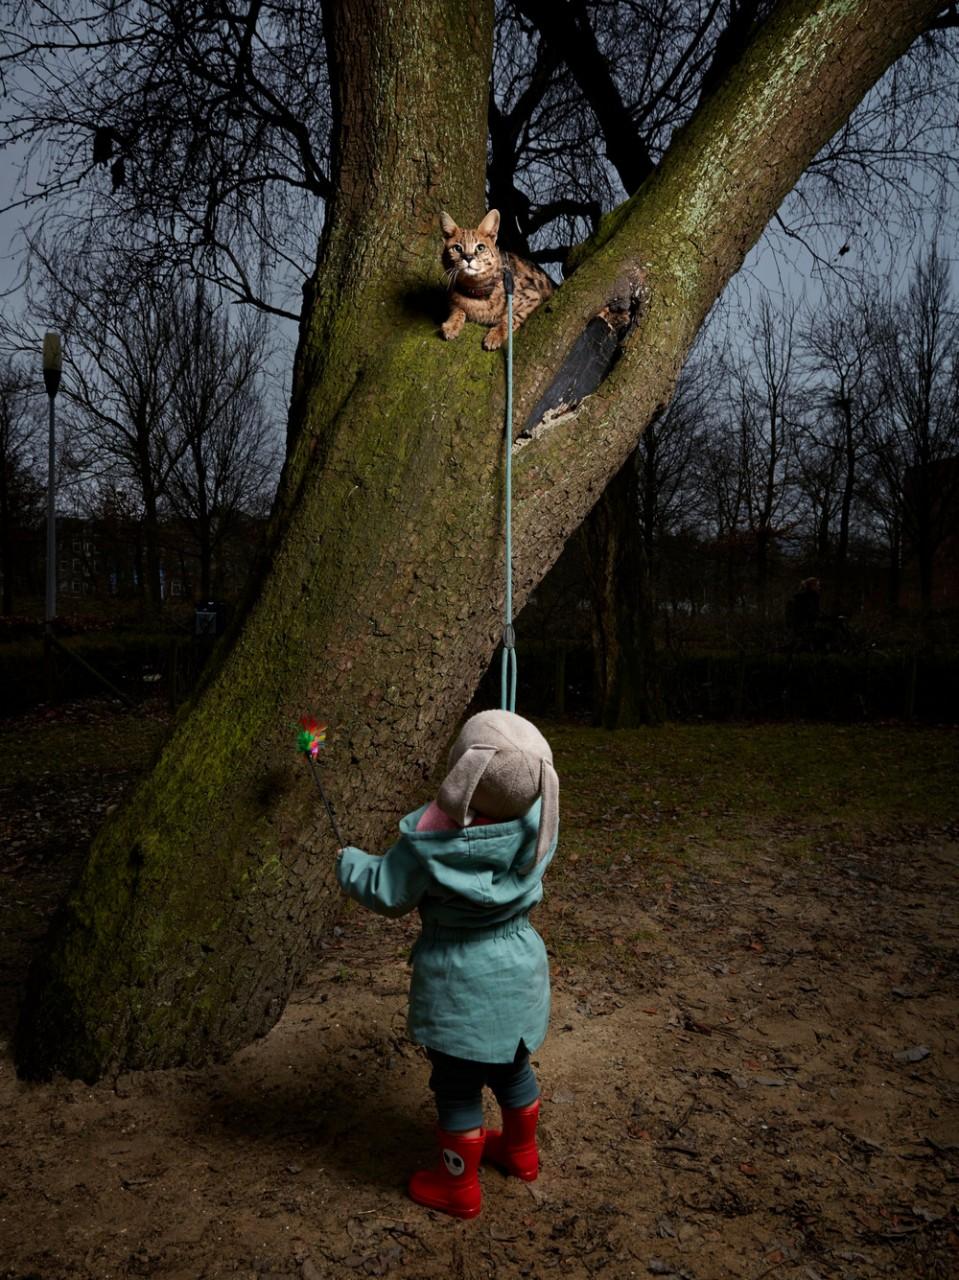 Портреты амстердамских домашних животных. Фотограф Изабелла Розендал 10